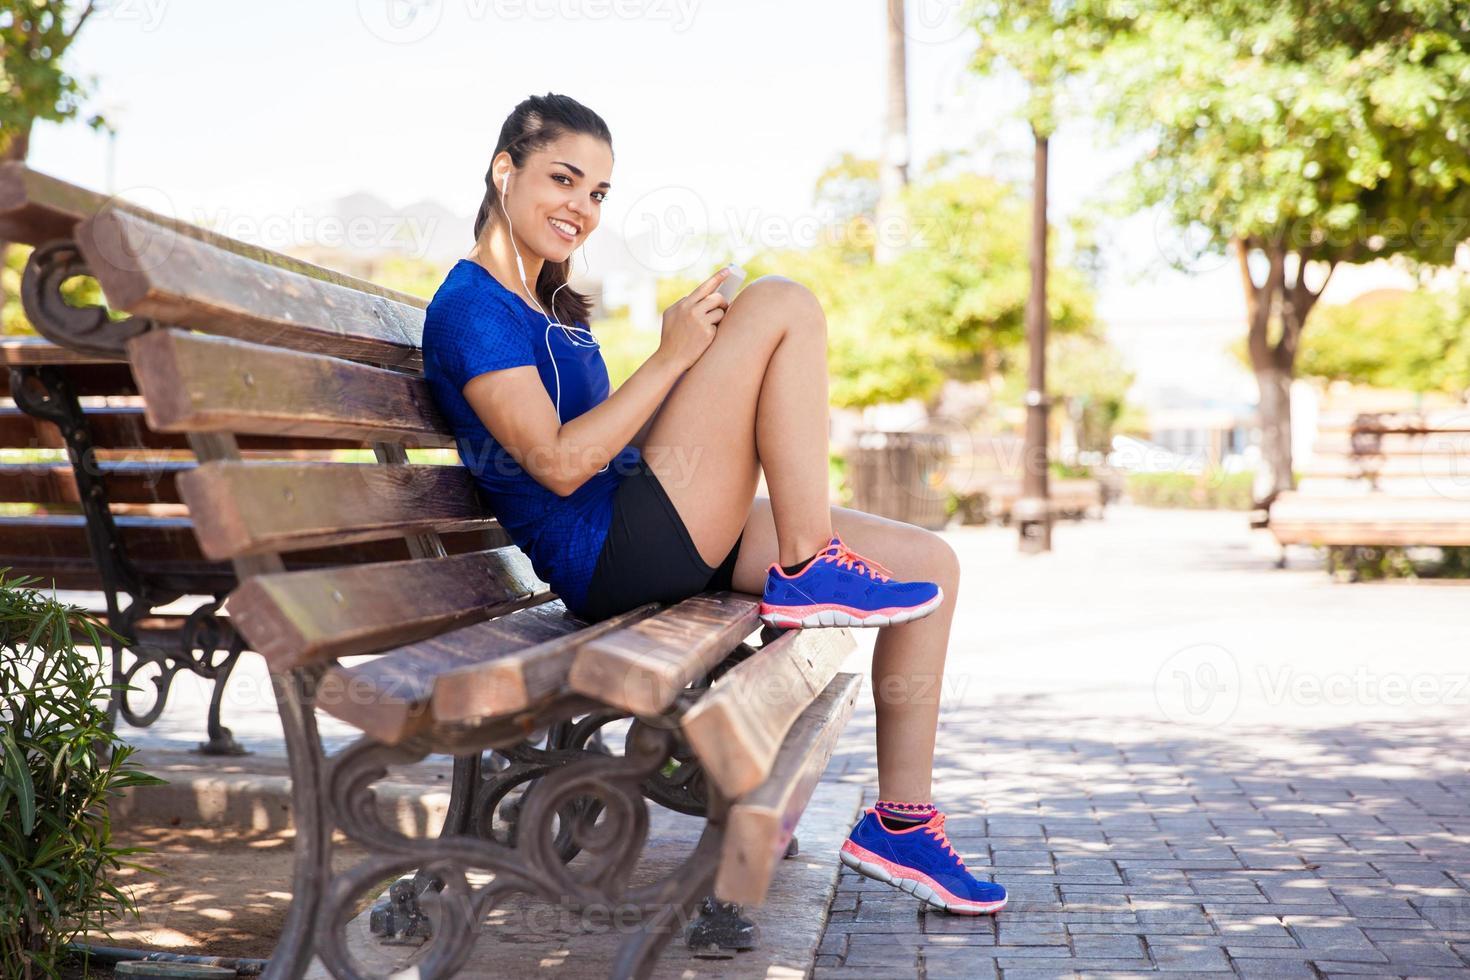 glücklicher weiblicher Läufer in einem Park foto